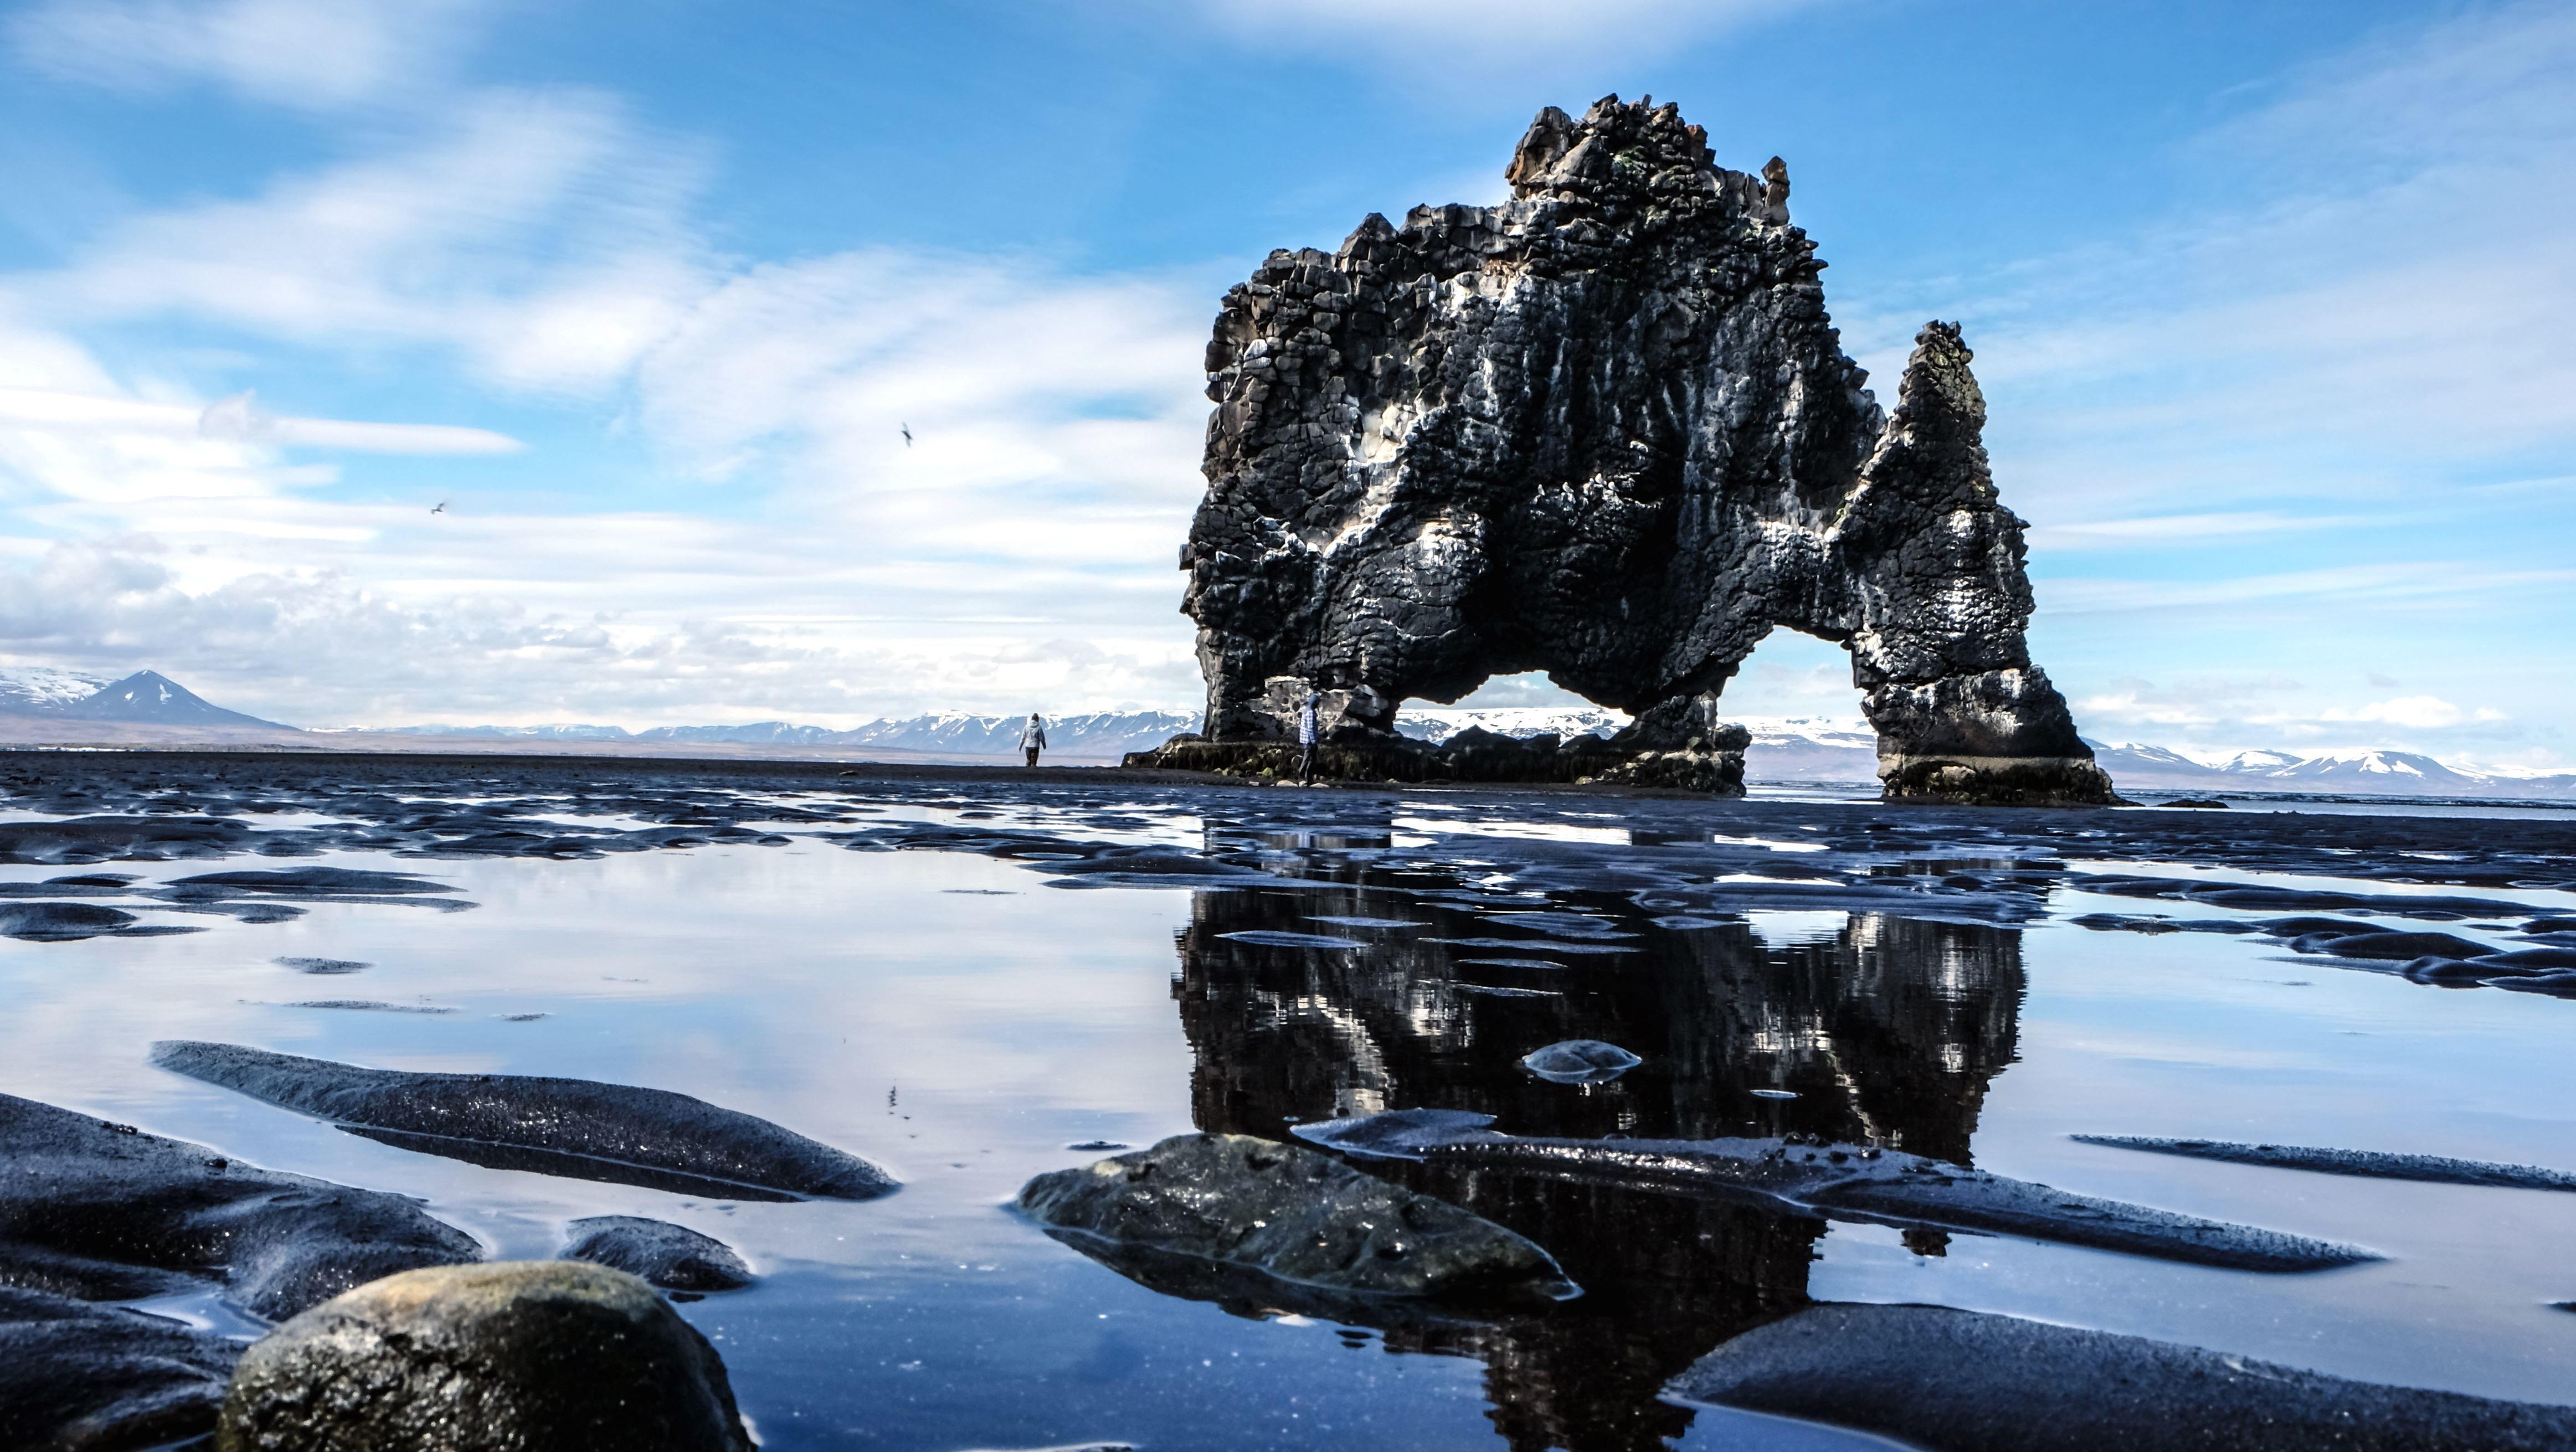 Imagen Gratis: Isla, Cielo, Agua, Playa, Naturaleza, Rocas